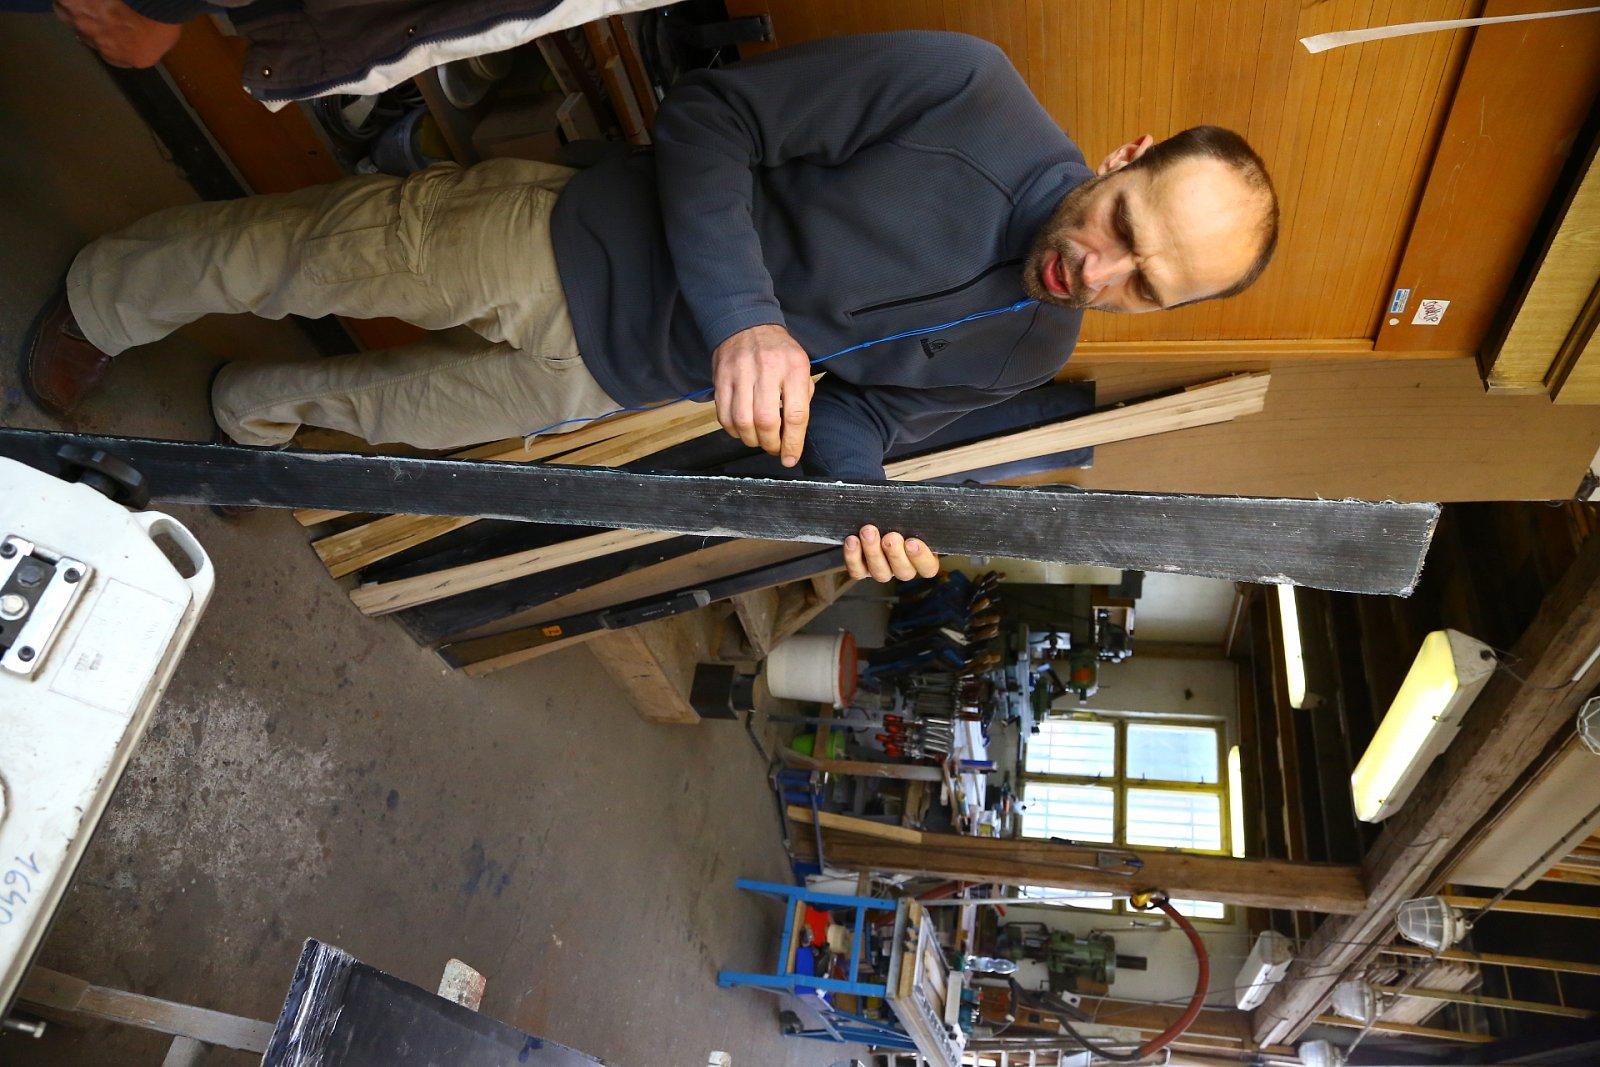 Výroba lyží není jednoduchá, svou roli hraje každý centimetr.